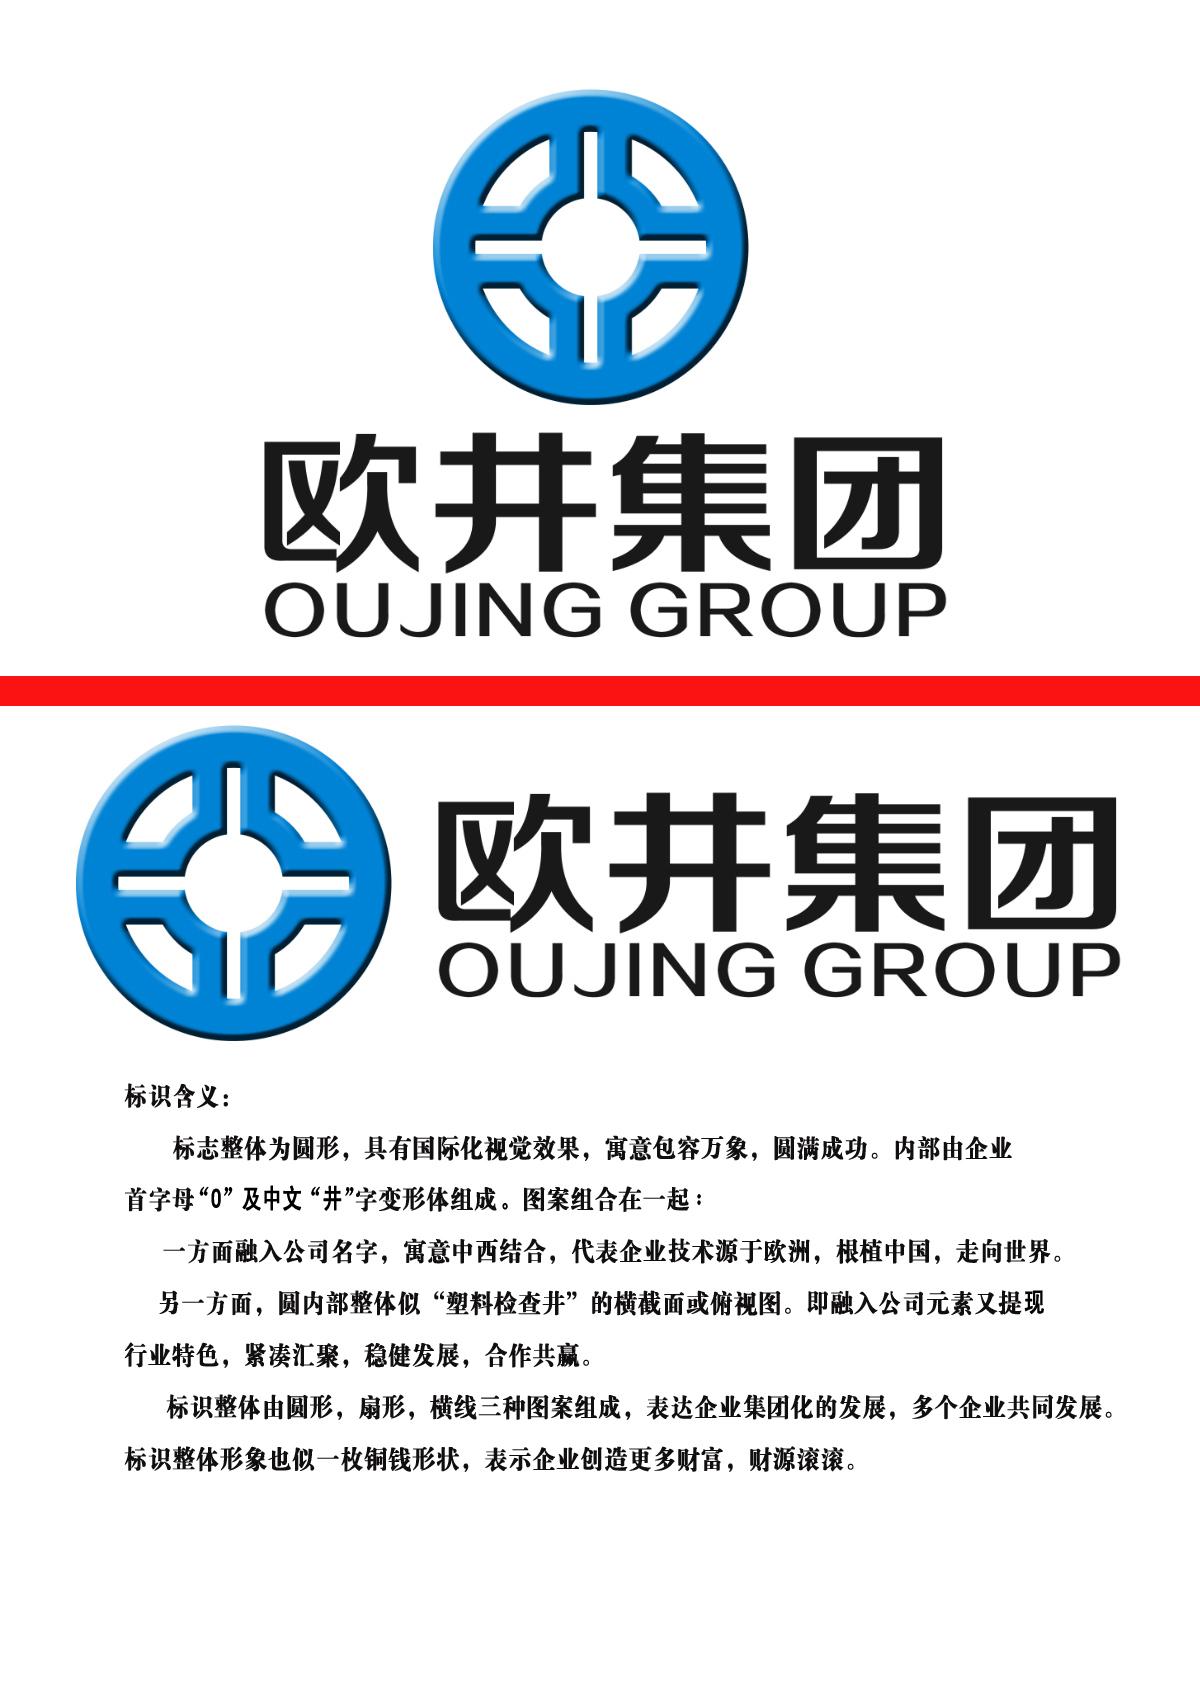 公司logo标识及含义